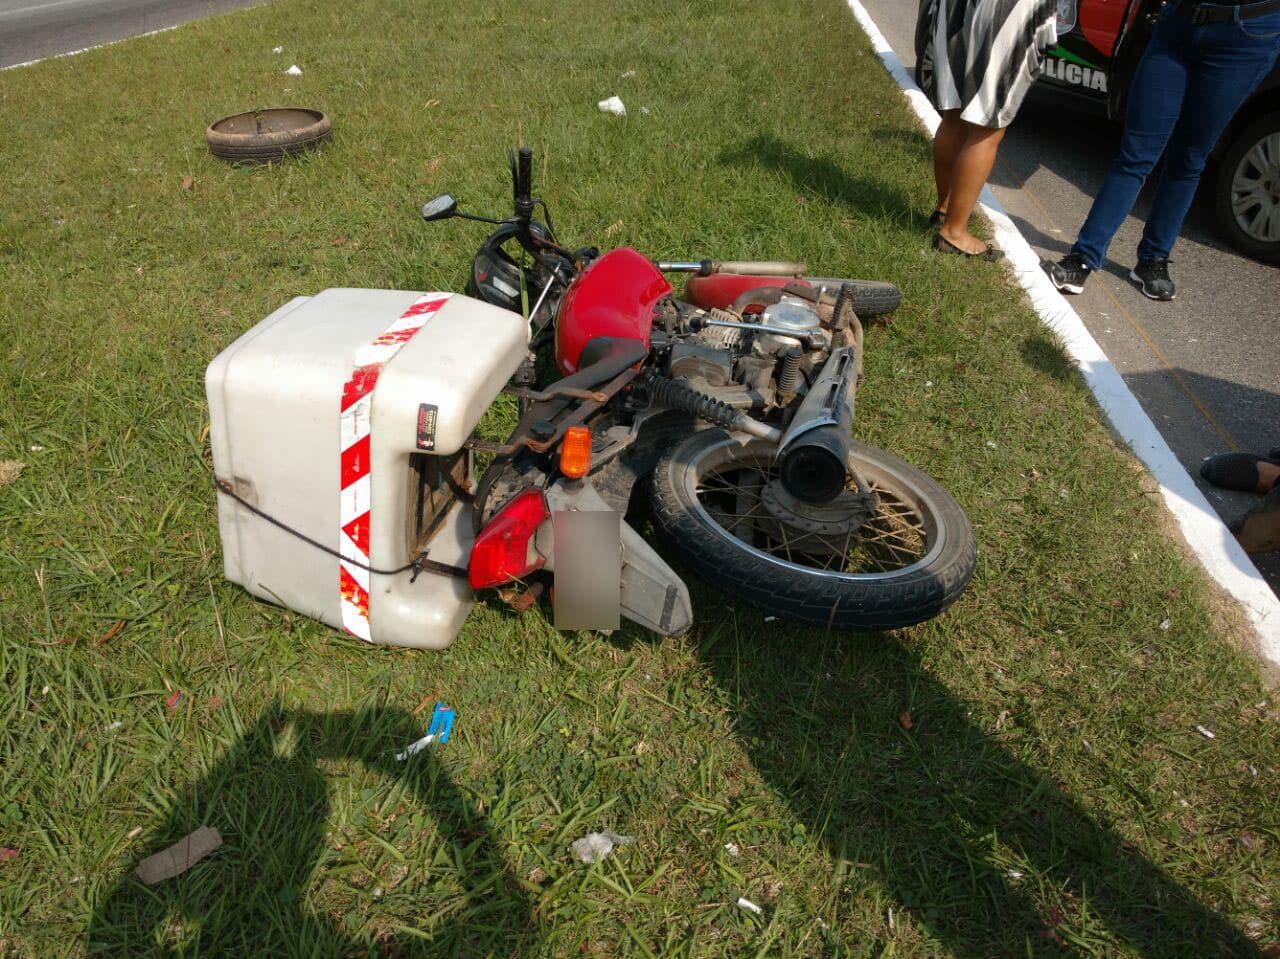 acidente-sc403-ingleses-atropelamento-02